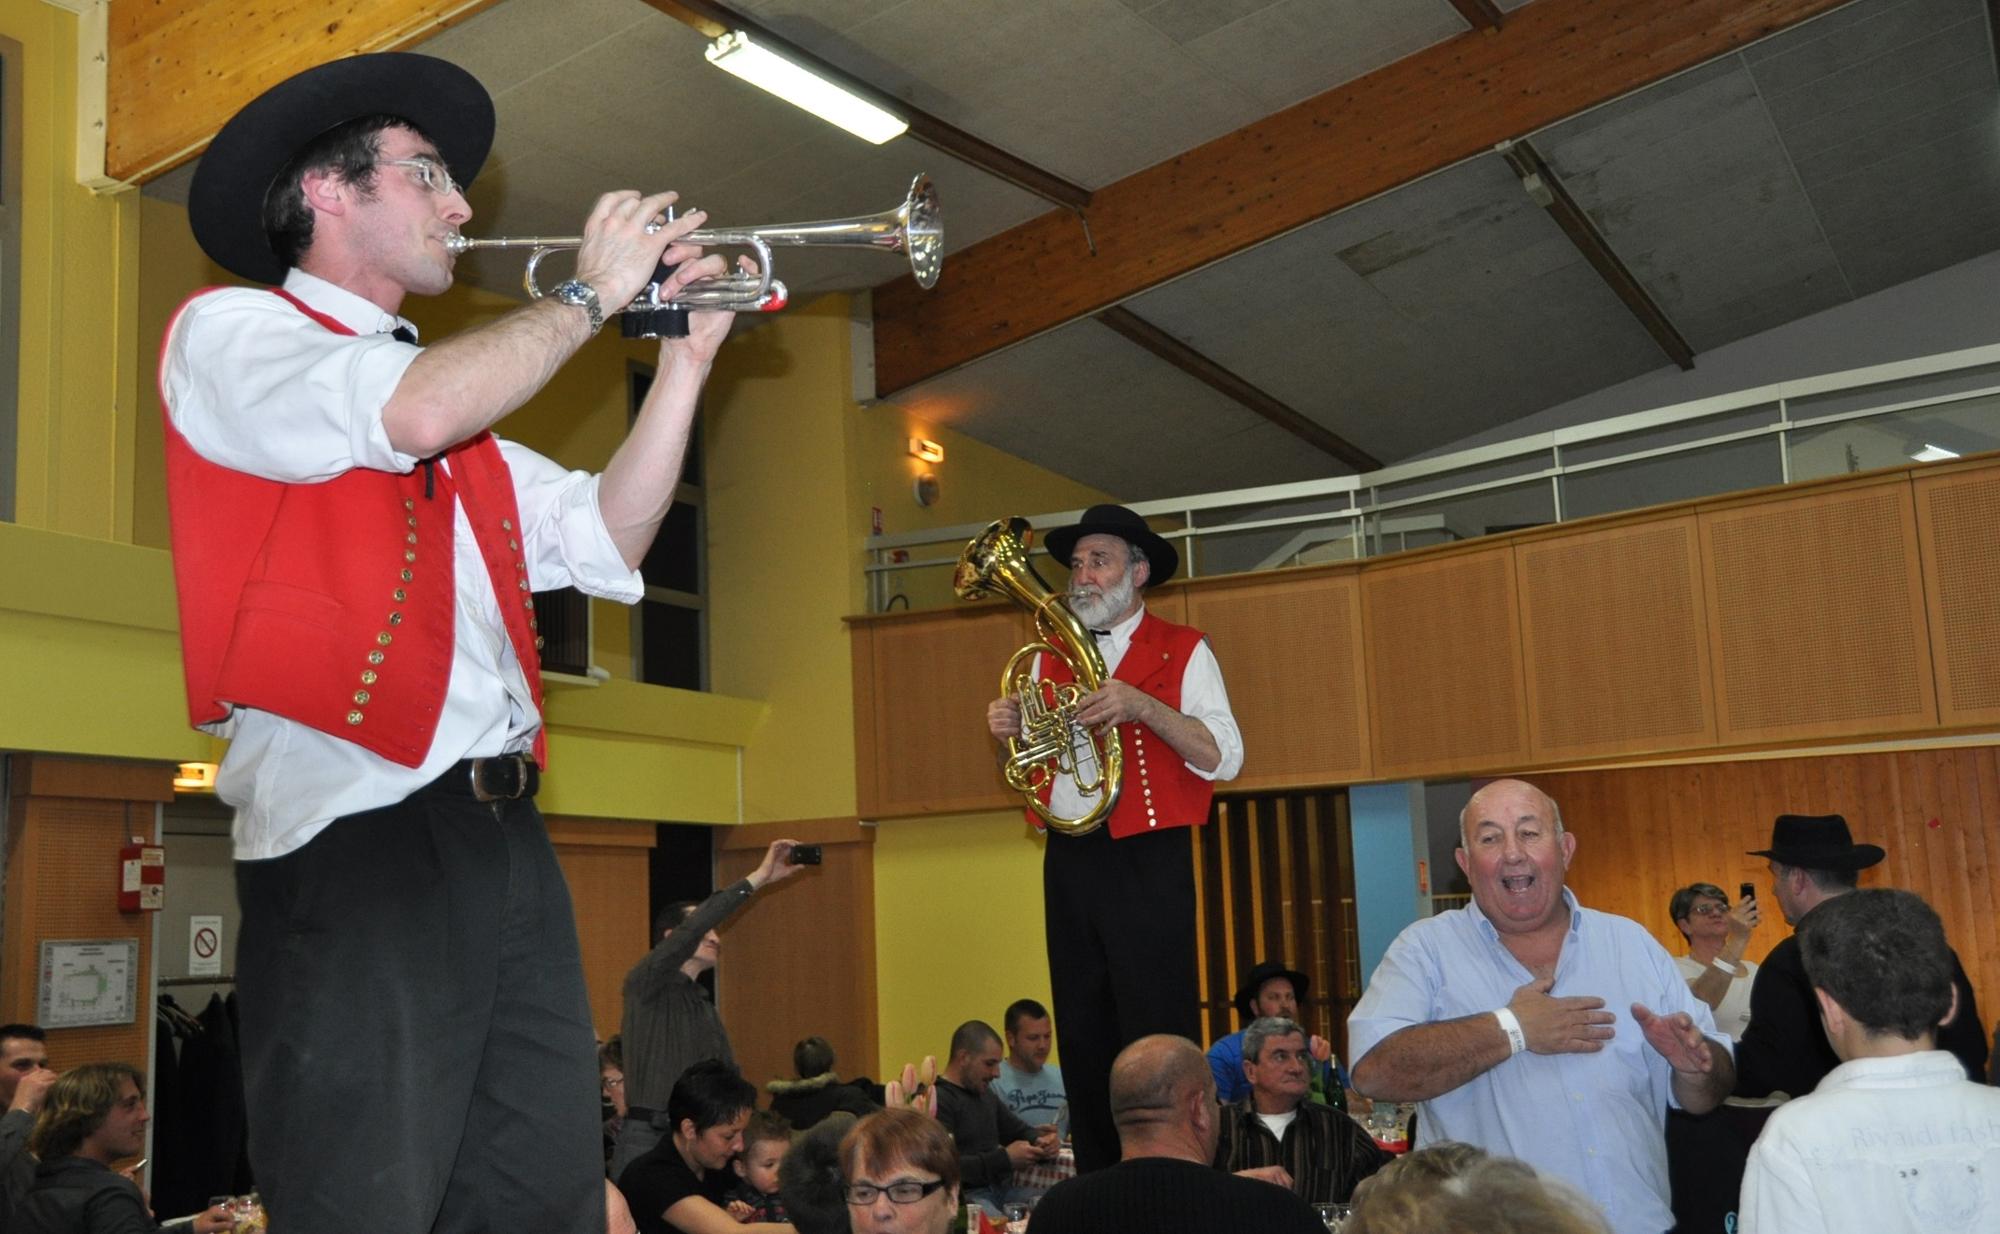 LA-CRAU-2011-Orchestre-bavarois-2